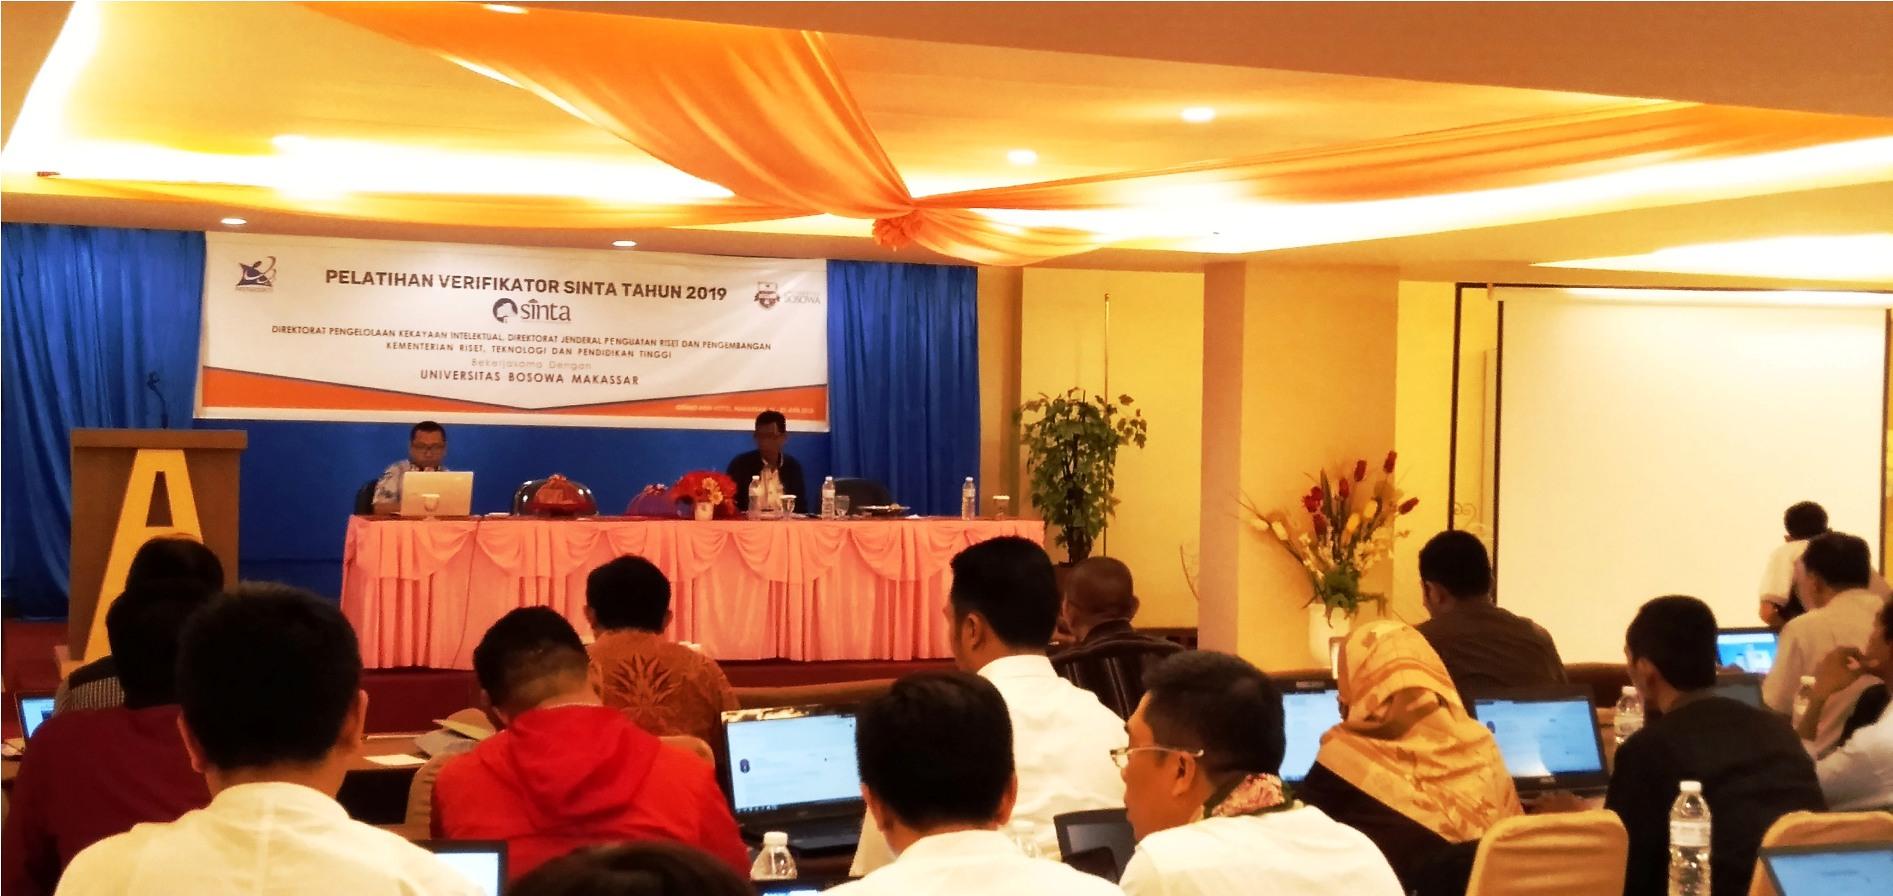 Sosialisasi dan pelatihan SINTA oleh Kemenristekdikti yang bekerjasama dengan LPPM Unibos dan diikuti 55 perguruan tinggi se LLDikti Wilayah IX Sulawesi dan Gorontalo yang berlangsung di Grand Asia Hotel Makassar, Senin, 24 Juni 2019. (FOTO: IST)